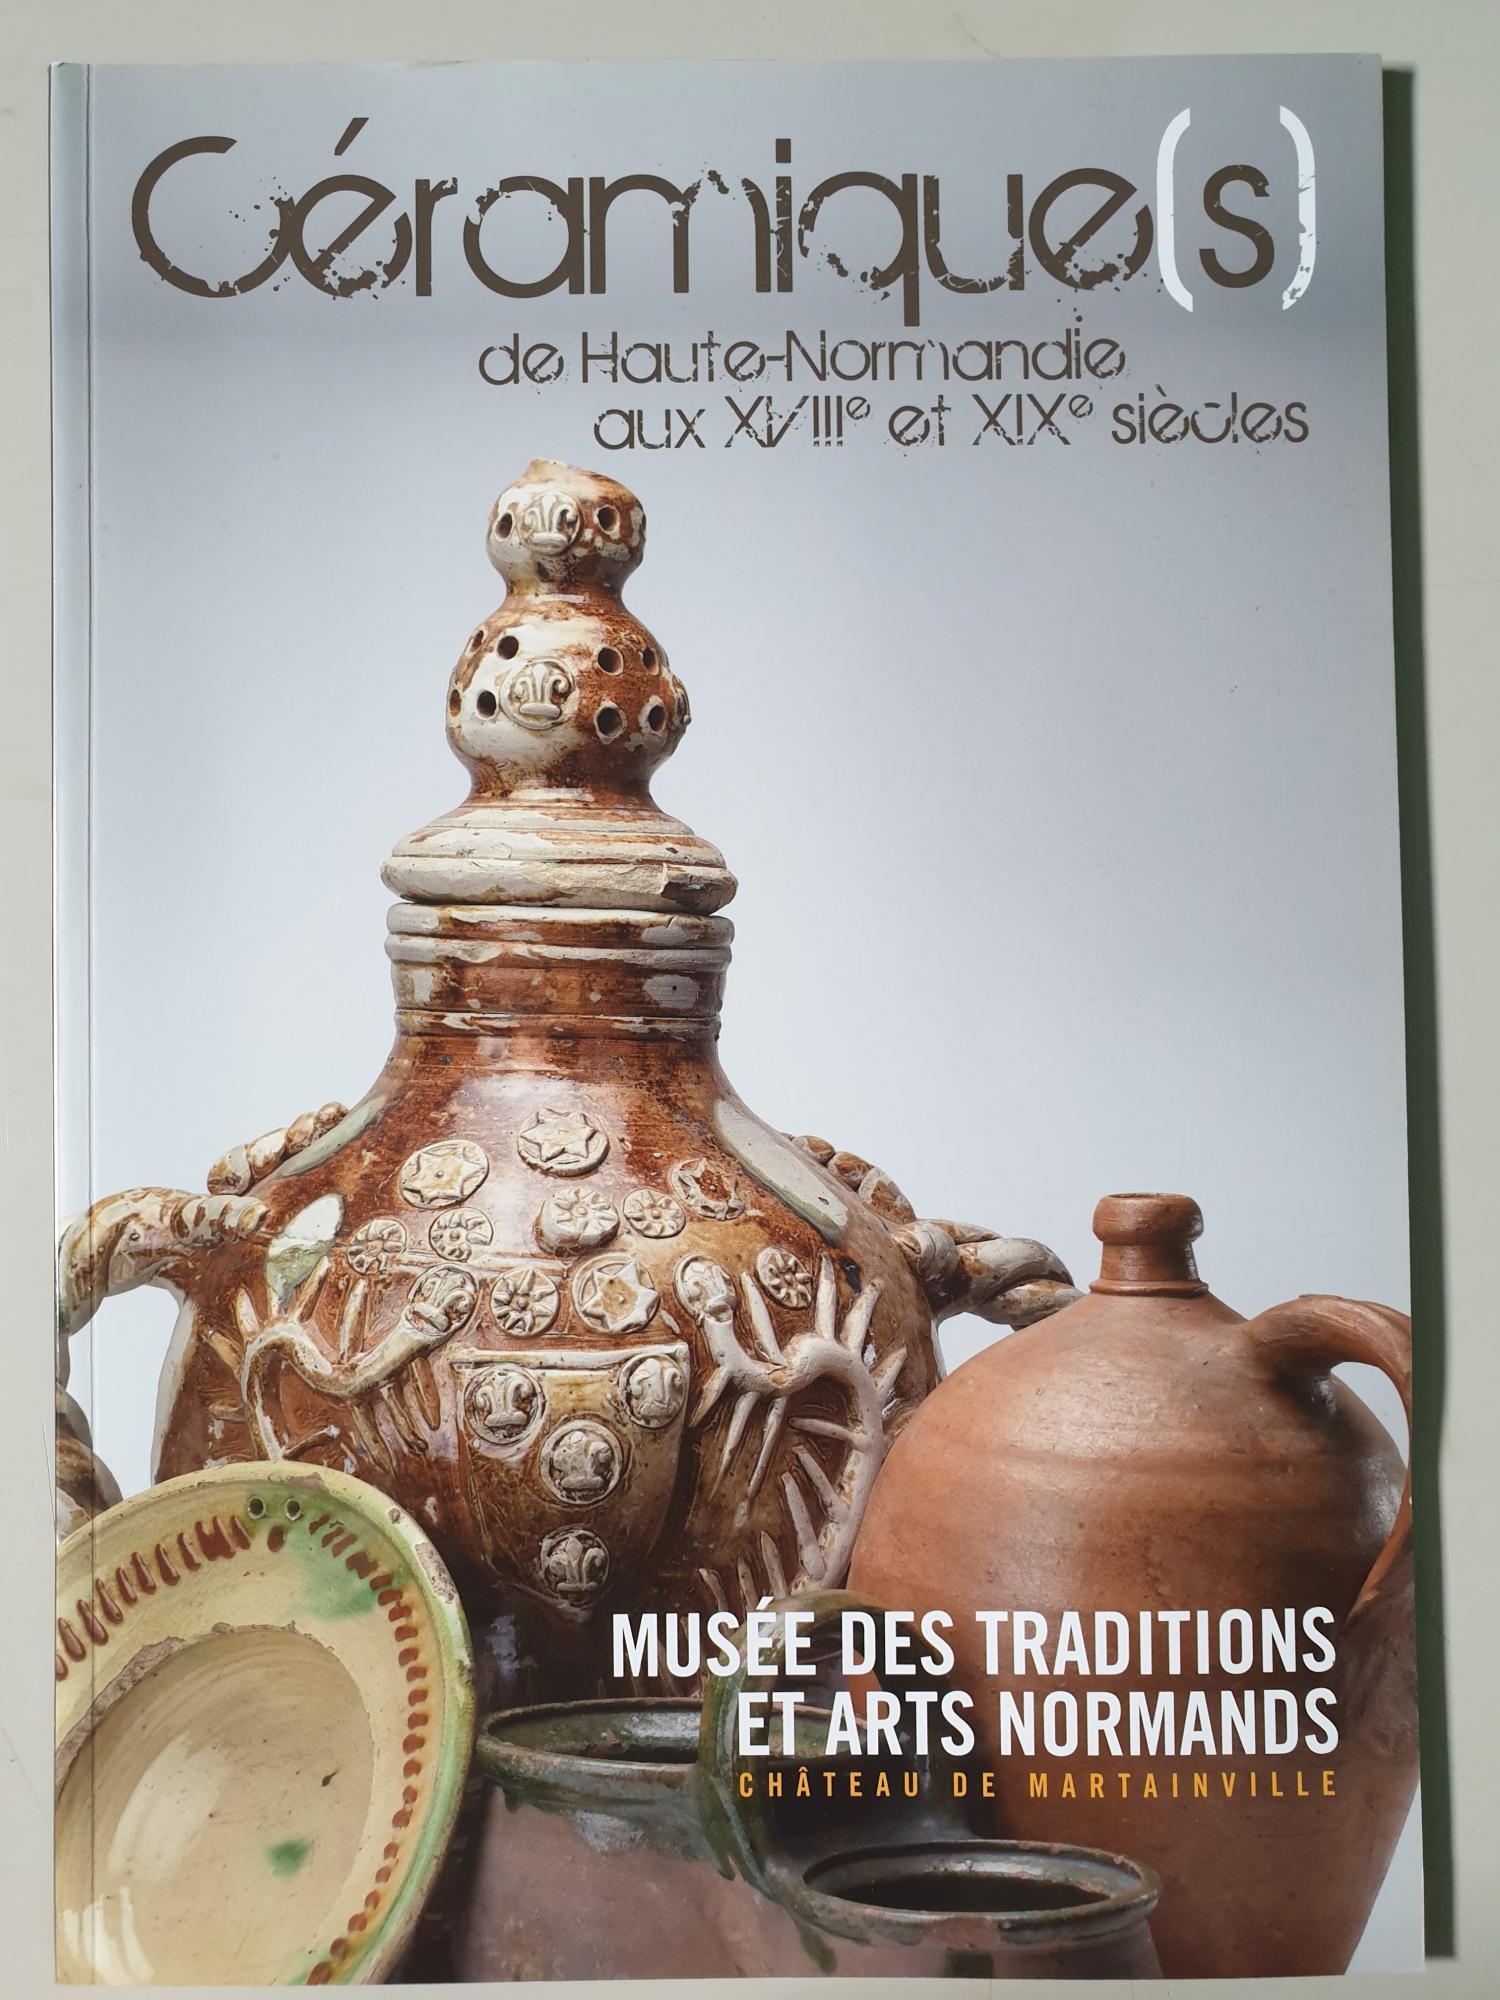 Céramique(s) de Haute-Normandie aux XVIIIe et XIXe siècles